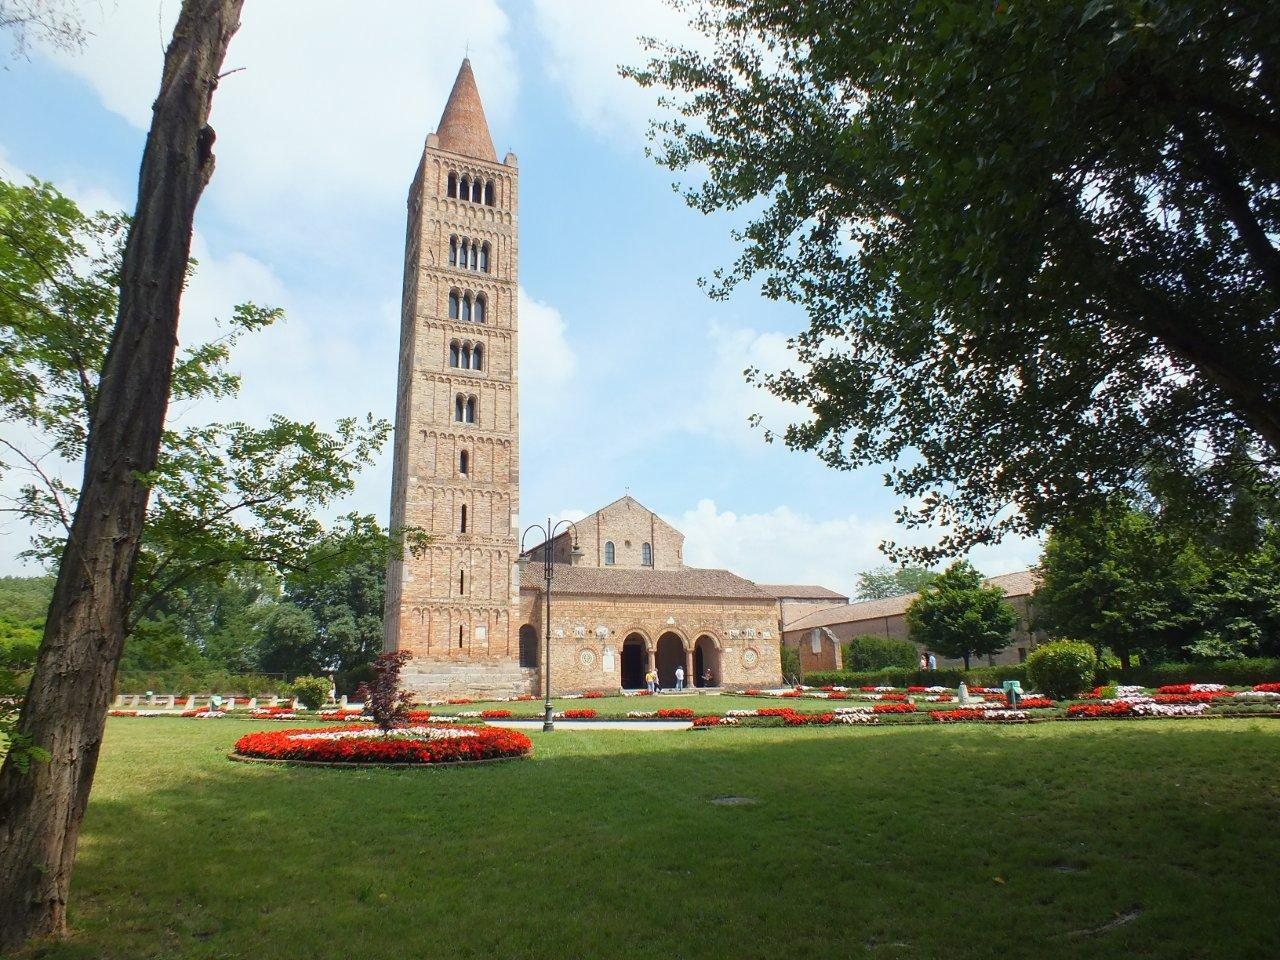 Abbazia di Pomposa (Codigoro) - foto di Andrea Bonazza.jpg